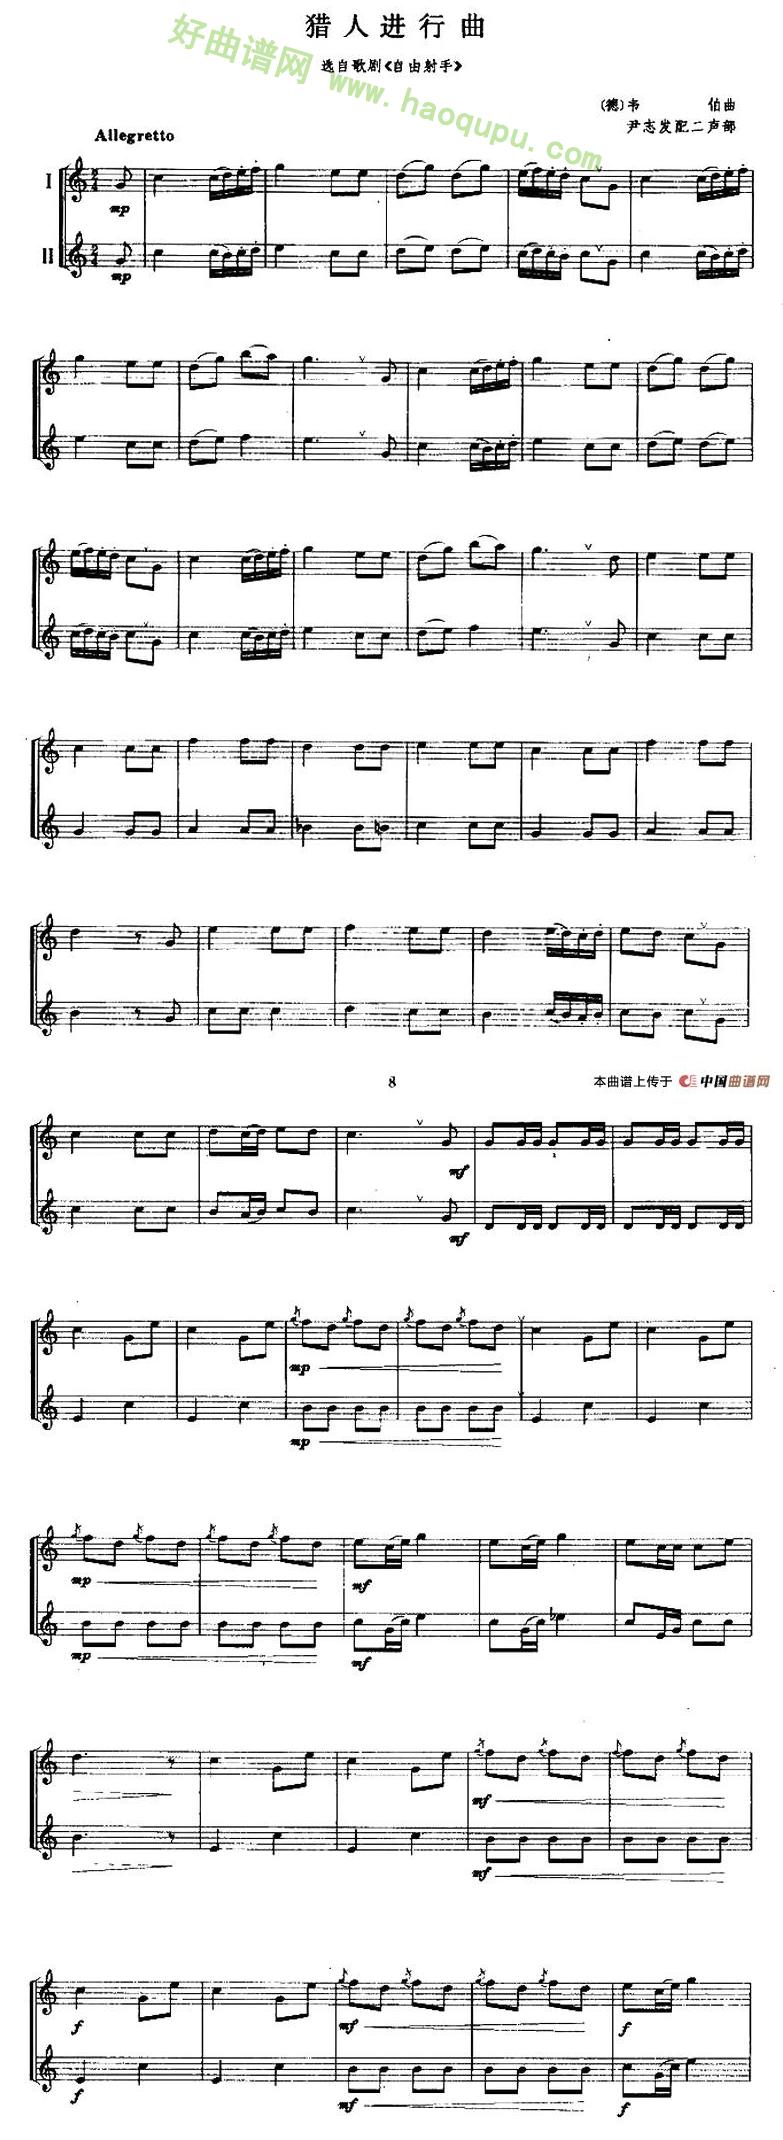 《猎人进行曲》(二重奏)萨克斯简谱第1张